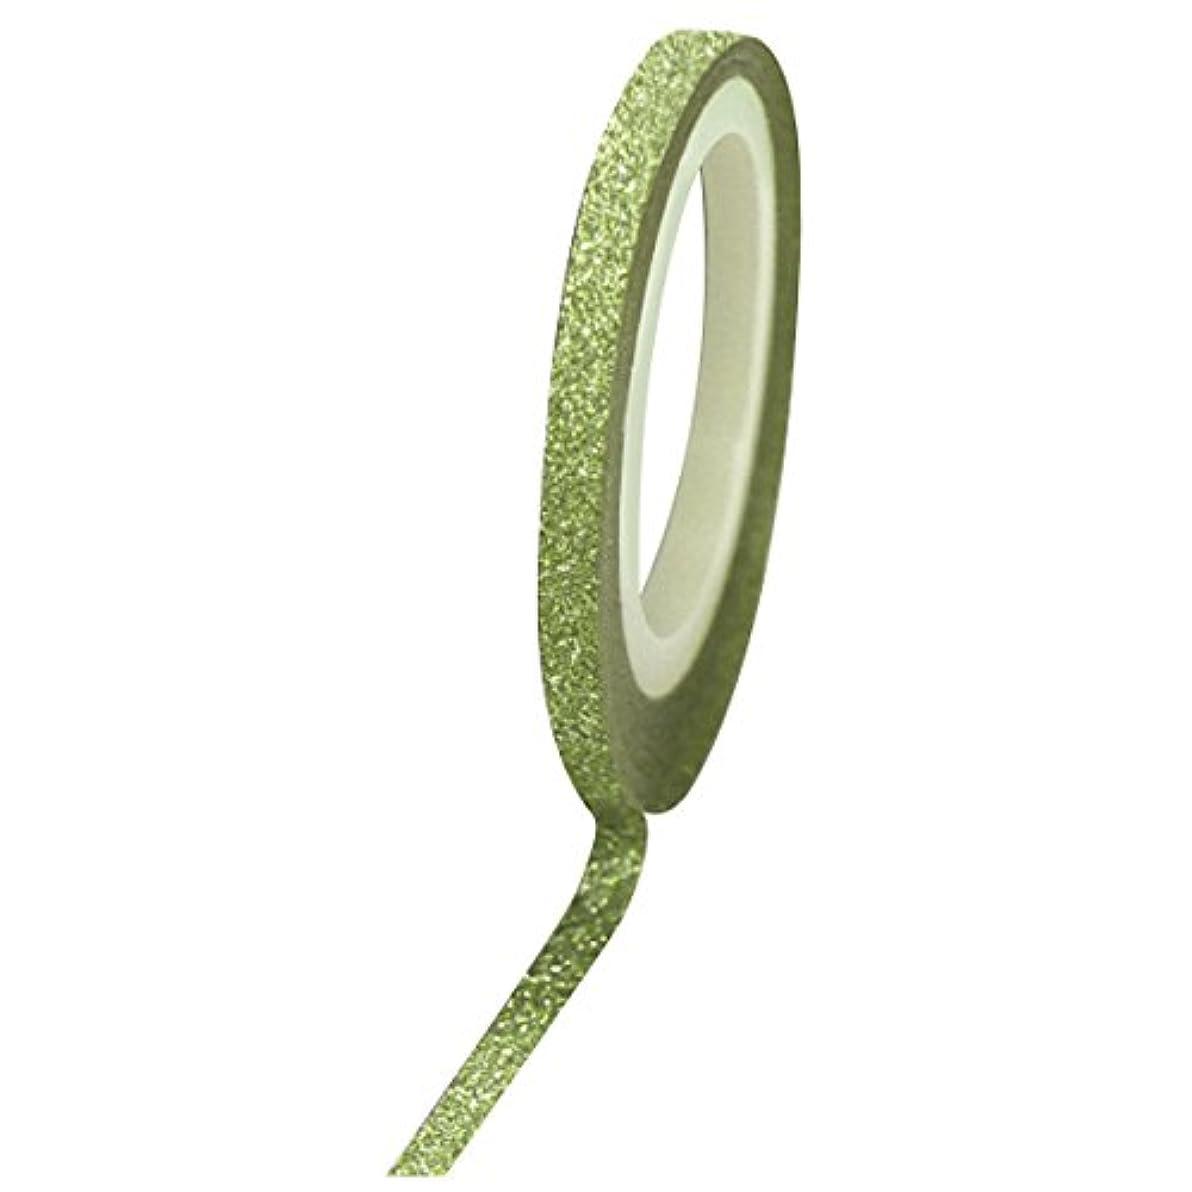 乳白幸福対話Bonnail グリッターラインテープ 3mm グリーンラメ